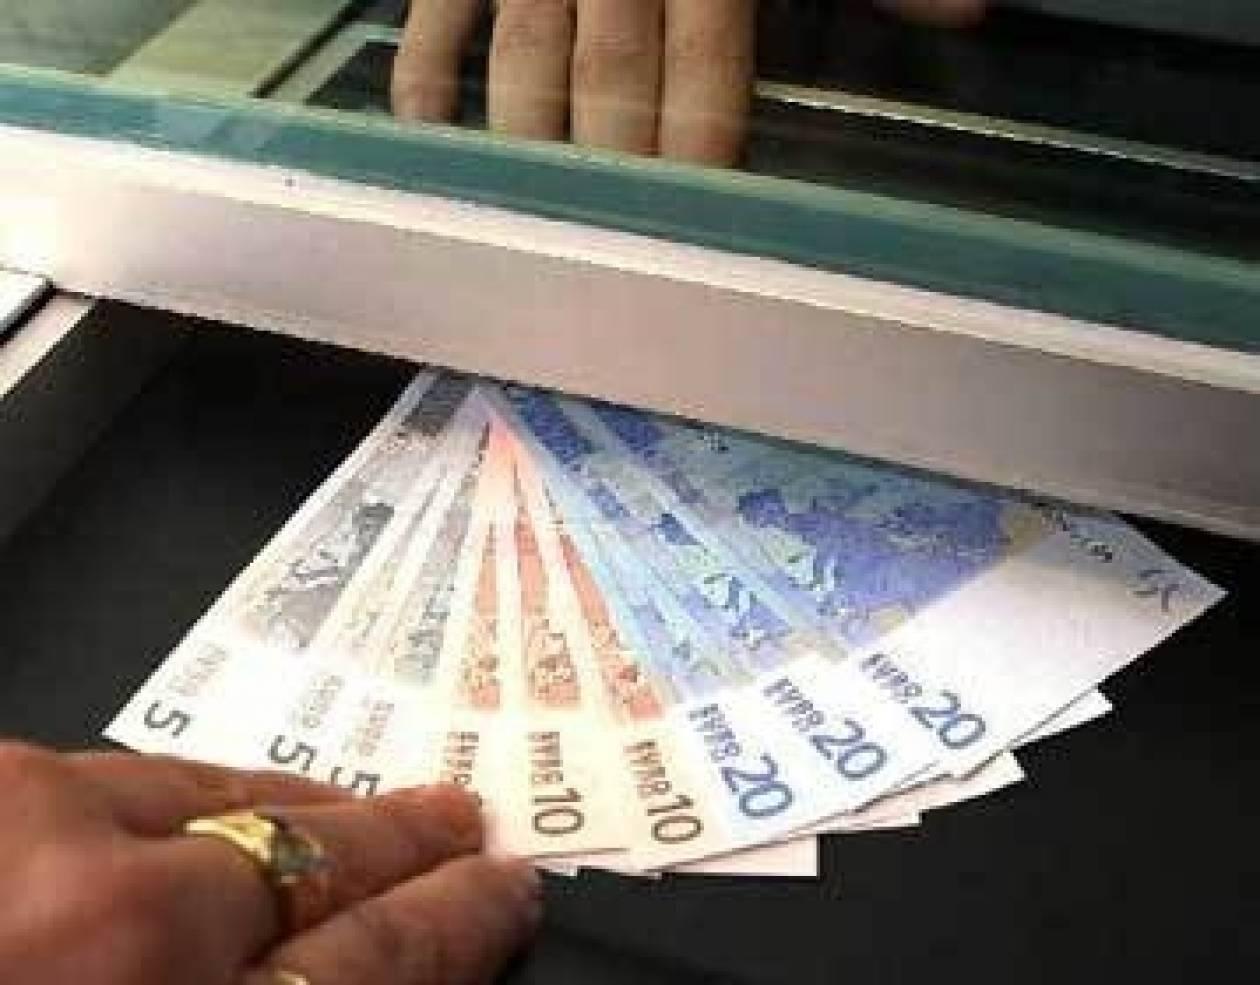 'Αρτα: Επιμήκυνση δανείων του Δήμου